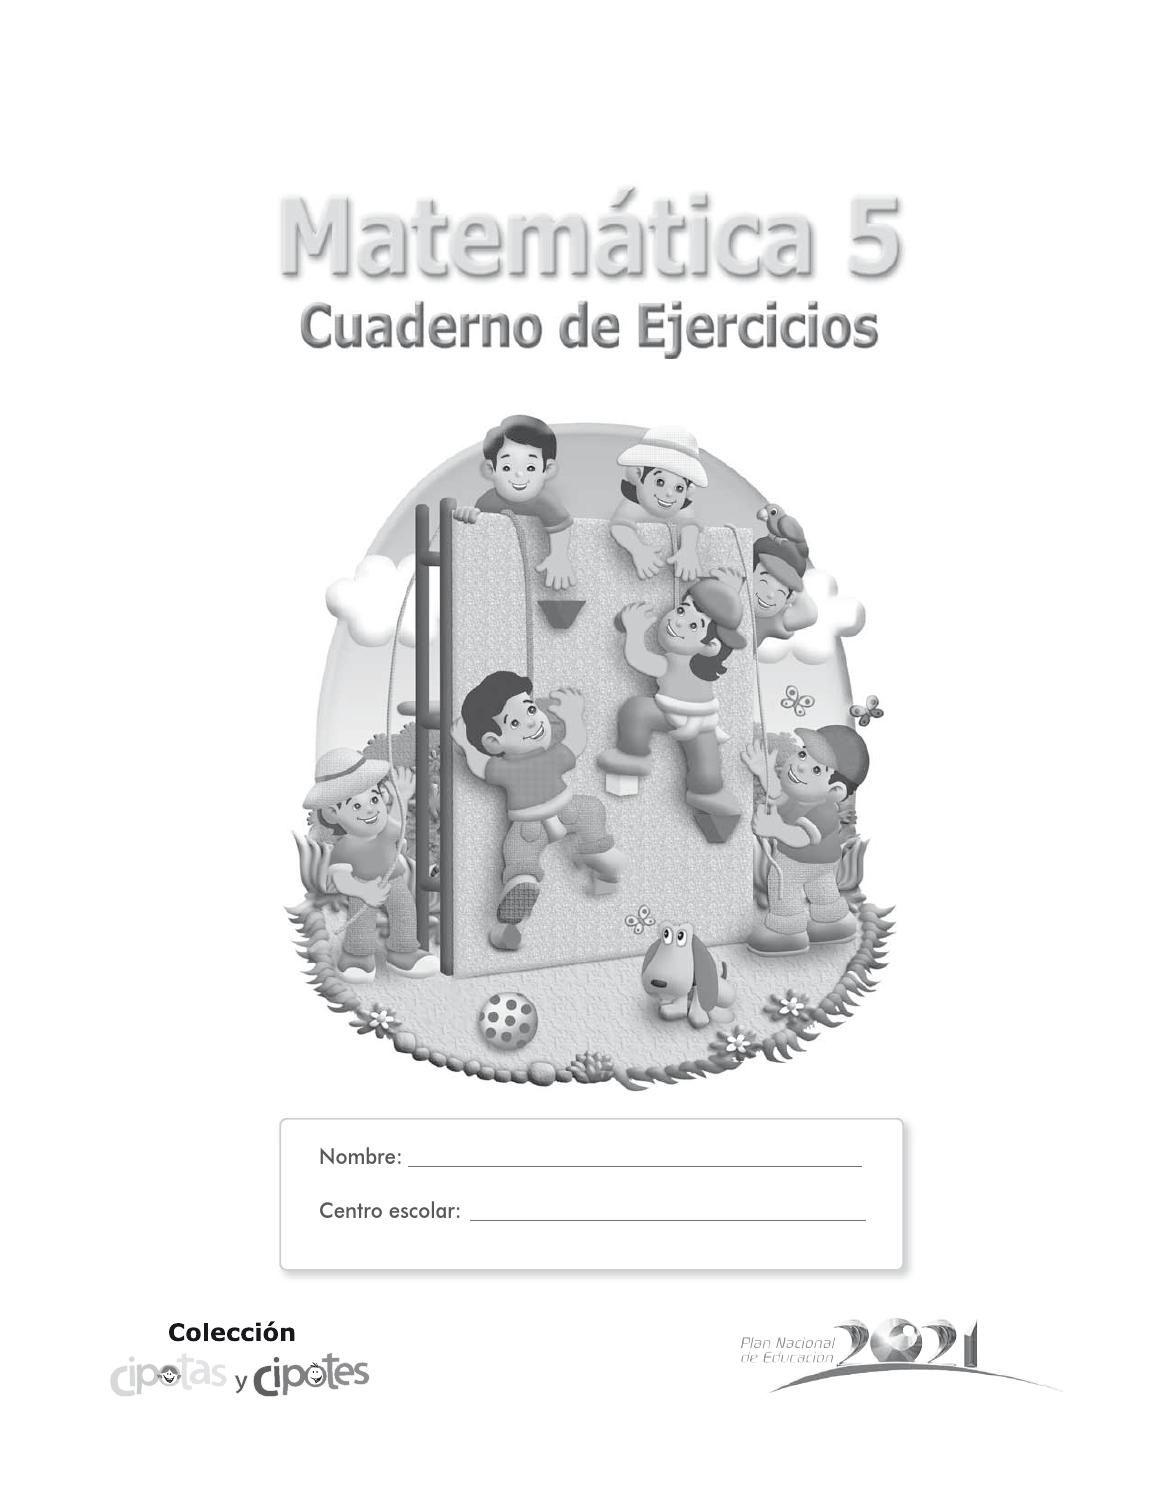 Cuaderno de Ejercicios 5 matematica   Pinterest   Comunidad ...